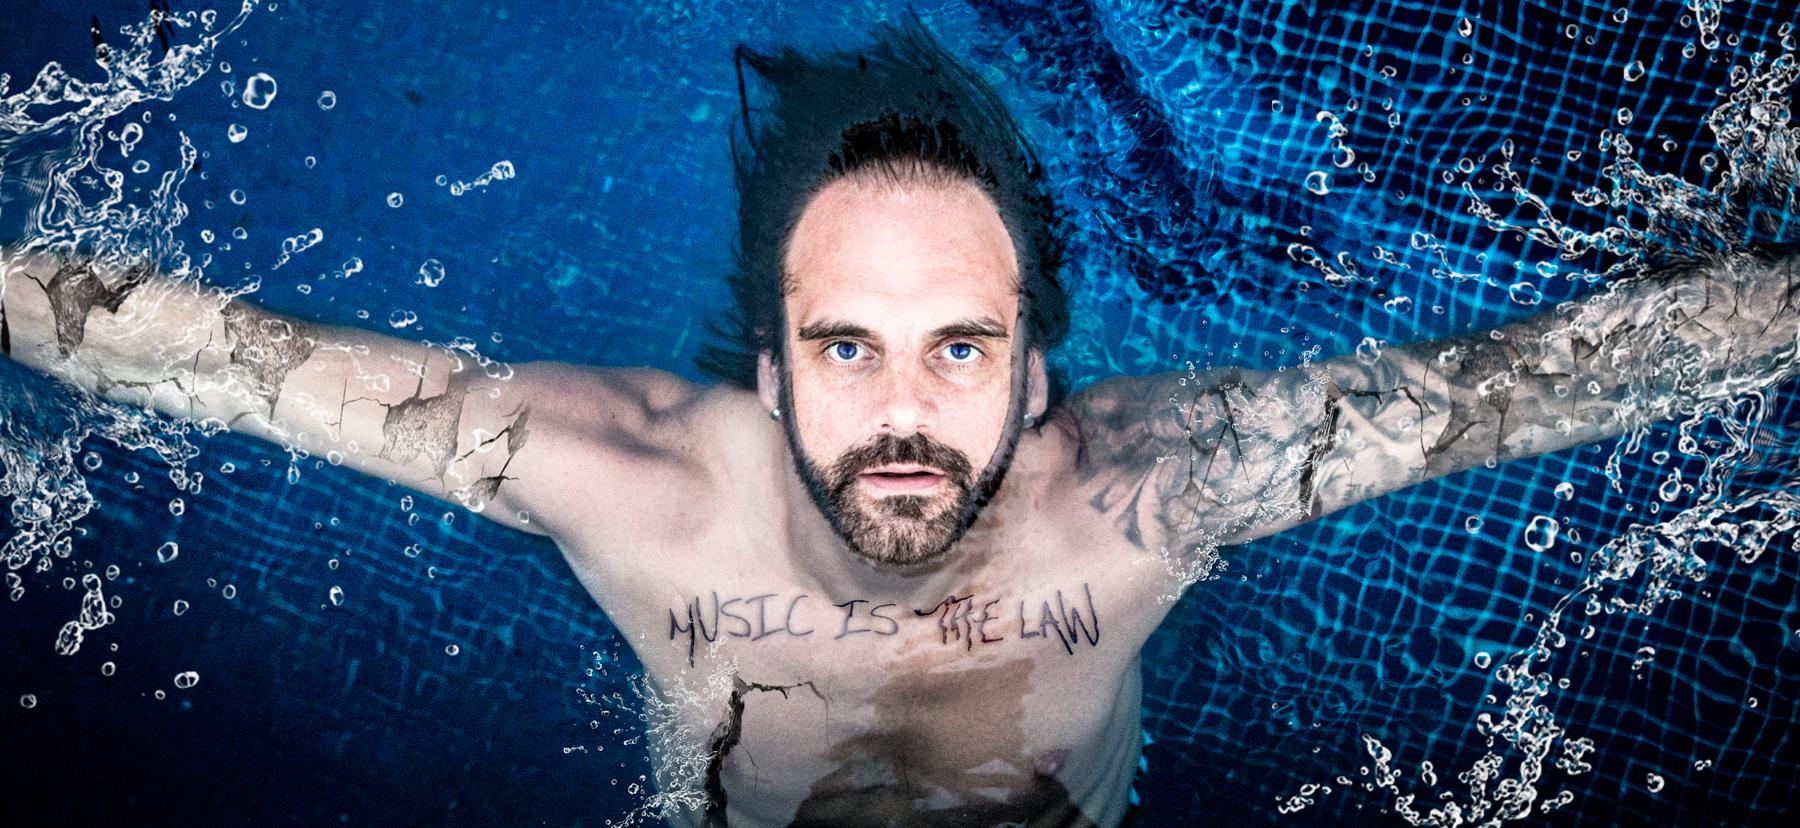 Artist / Musician: Andrew Mann Album Shoot